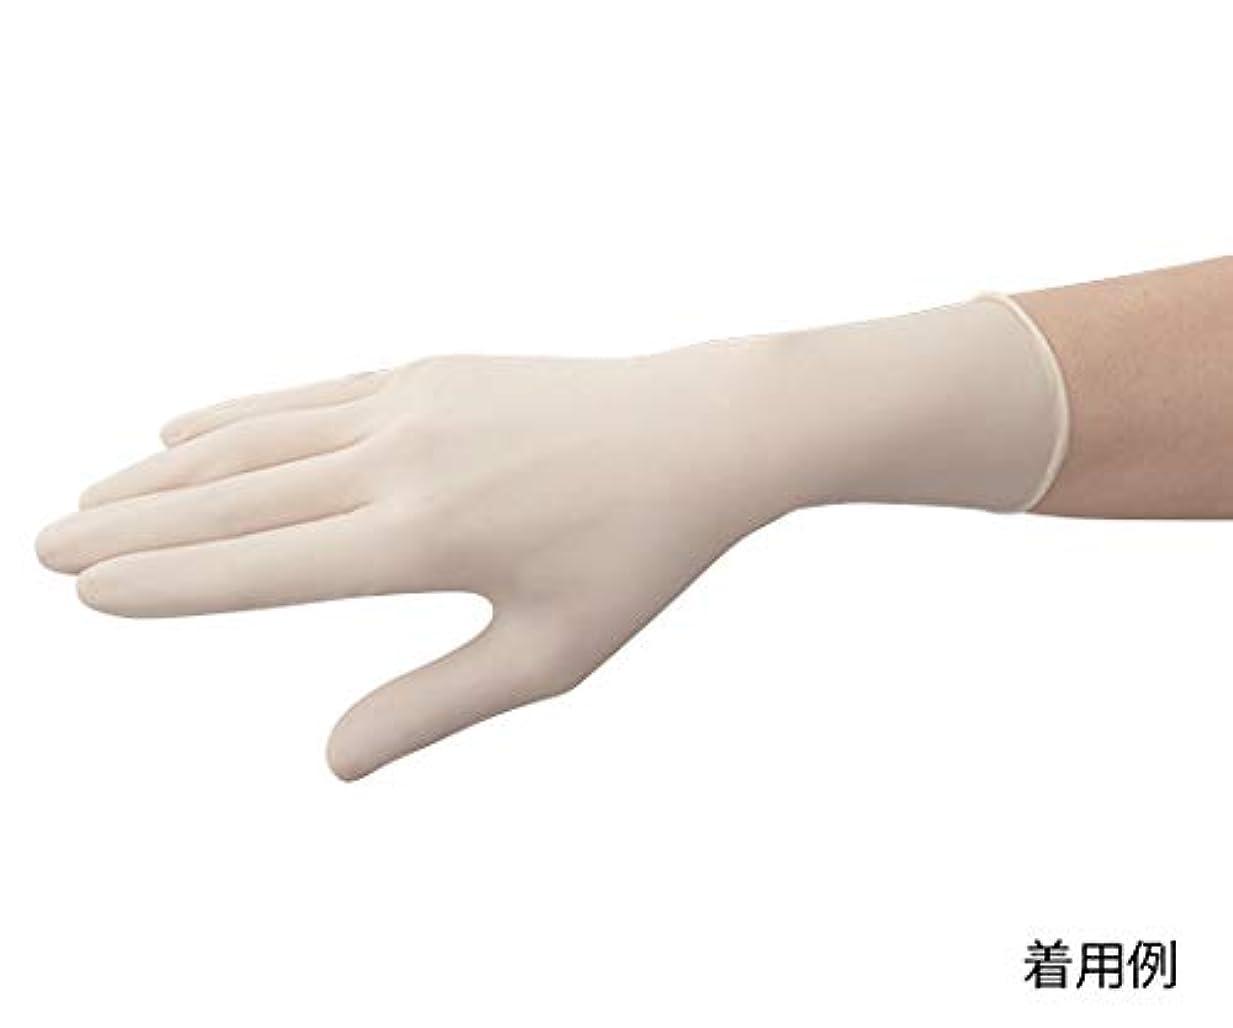 言及するライフルチャーター東レ?メディカル 手術用手袋メディグリップ パウダーフリー50双 8170MG